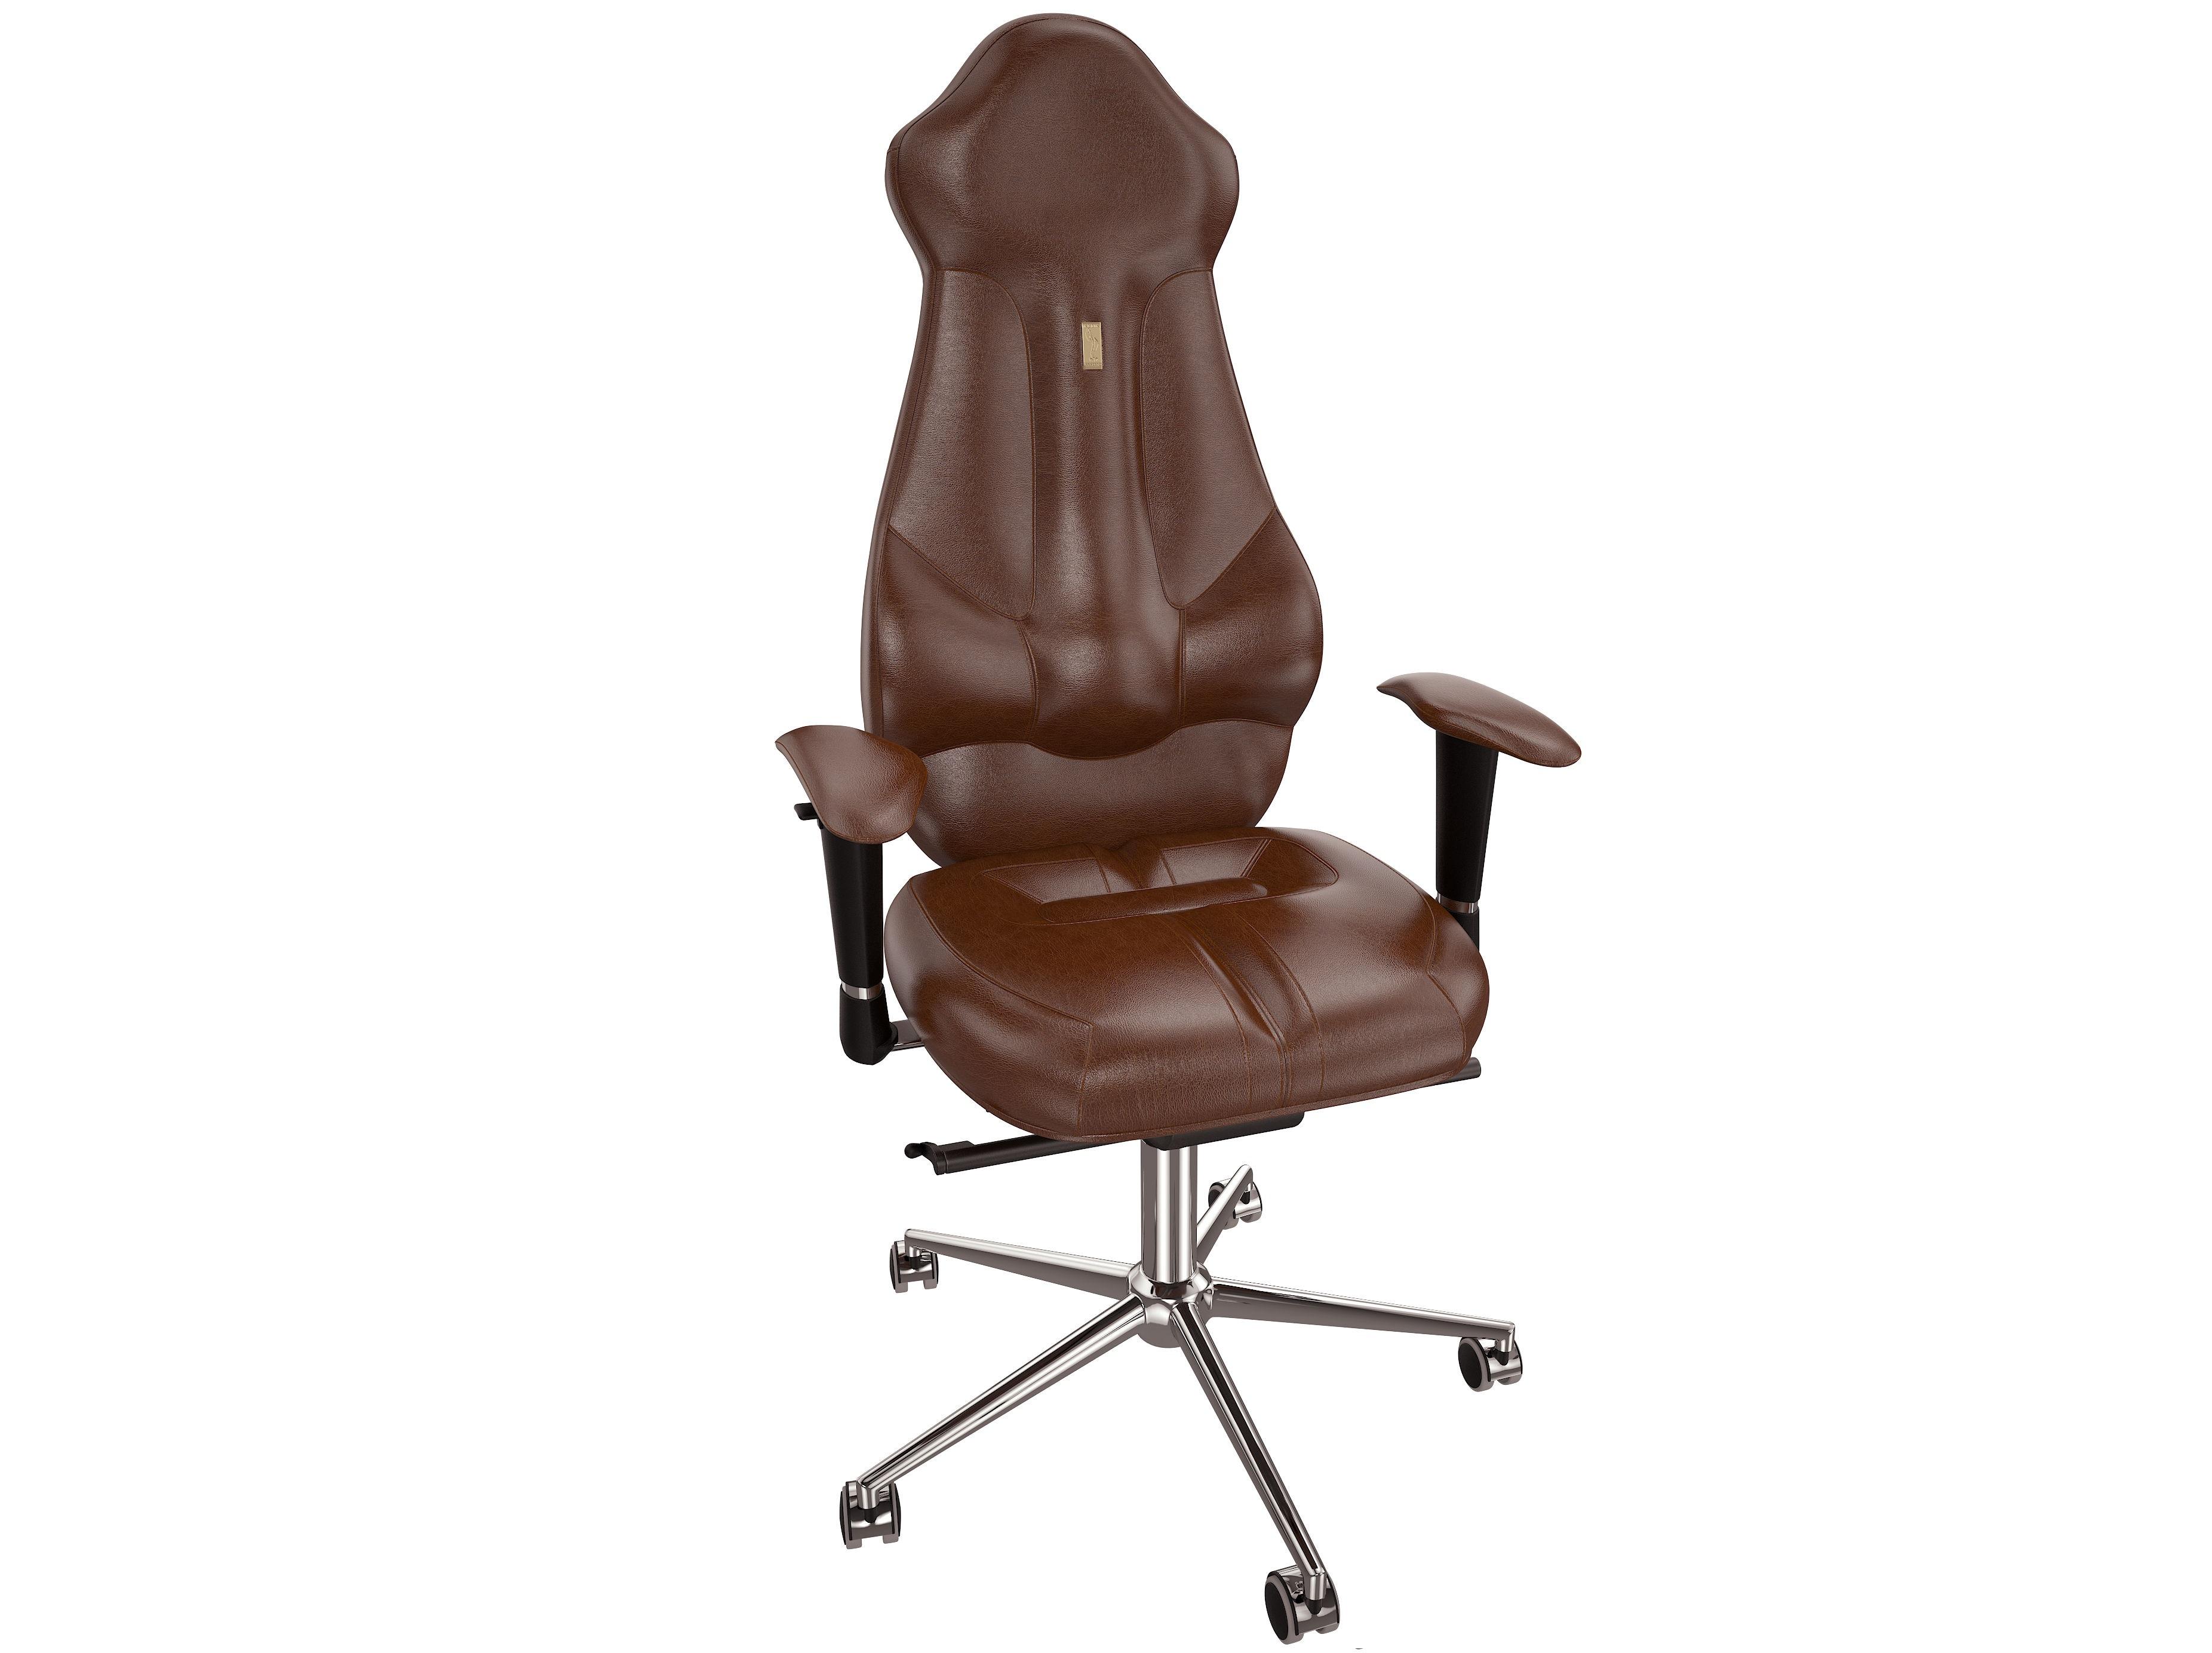 Кресло IMPERIALРабочие кресла<br>Данное кресло отличается классическим дизайном и презентабельностью. Плавные, витиеватые линии и мягкие формы создают атмосферу утонченной роскоши и аристократизма.&amp;amp;nbsp;<br><br>Material: Кожа<br>Length см: None<br>Width см: 71<br>Depth см: 52<br>Height см: 142<br>Diameter см: None